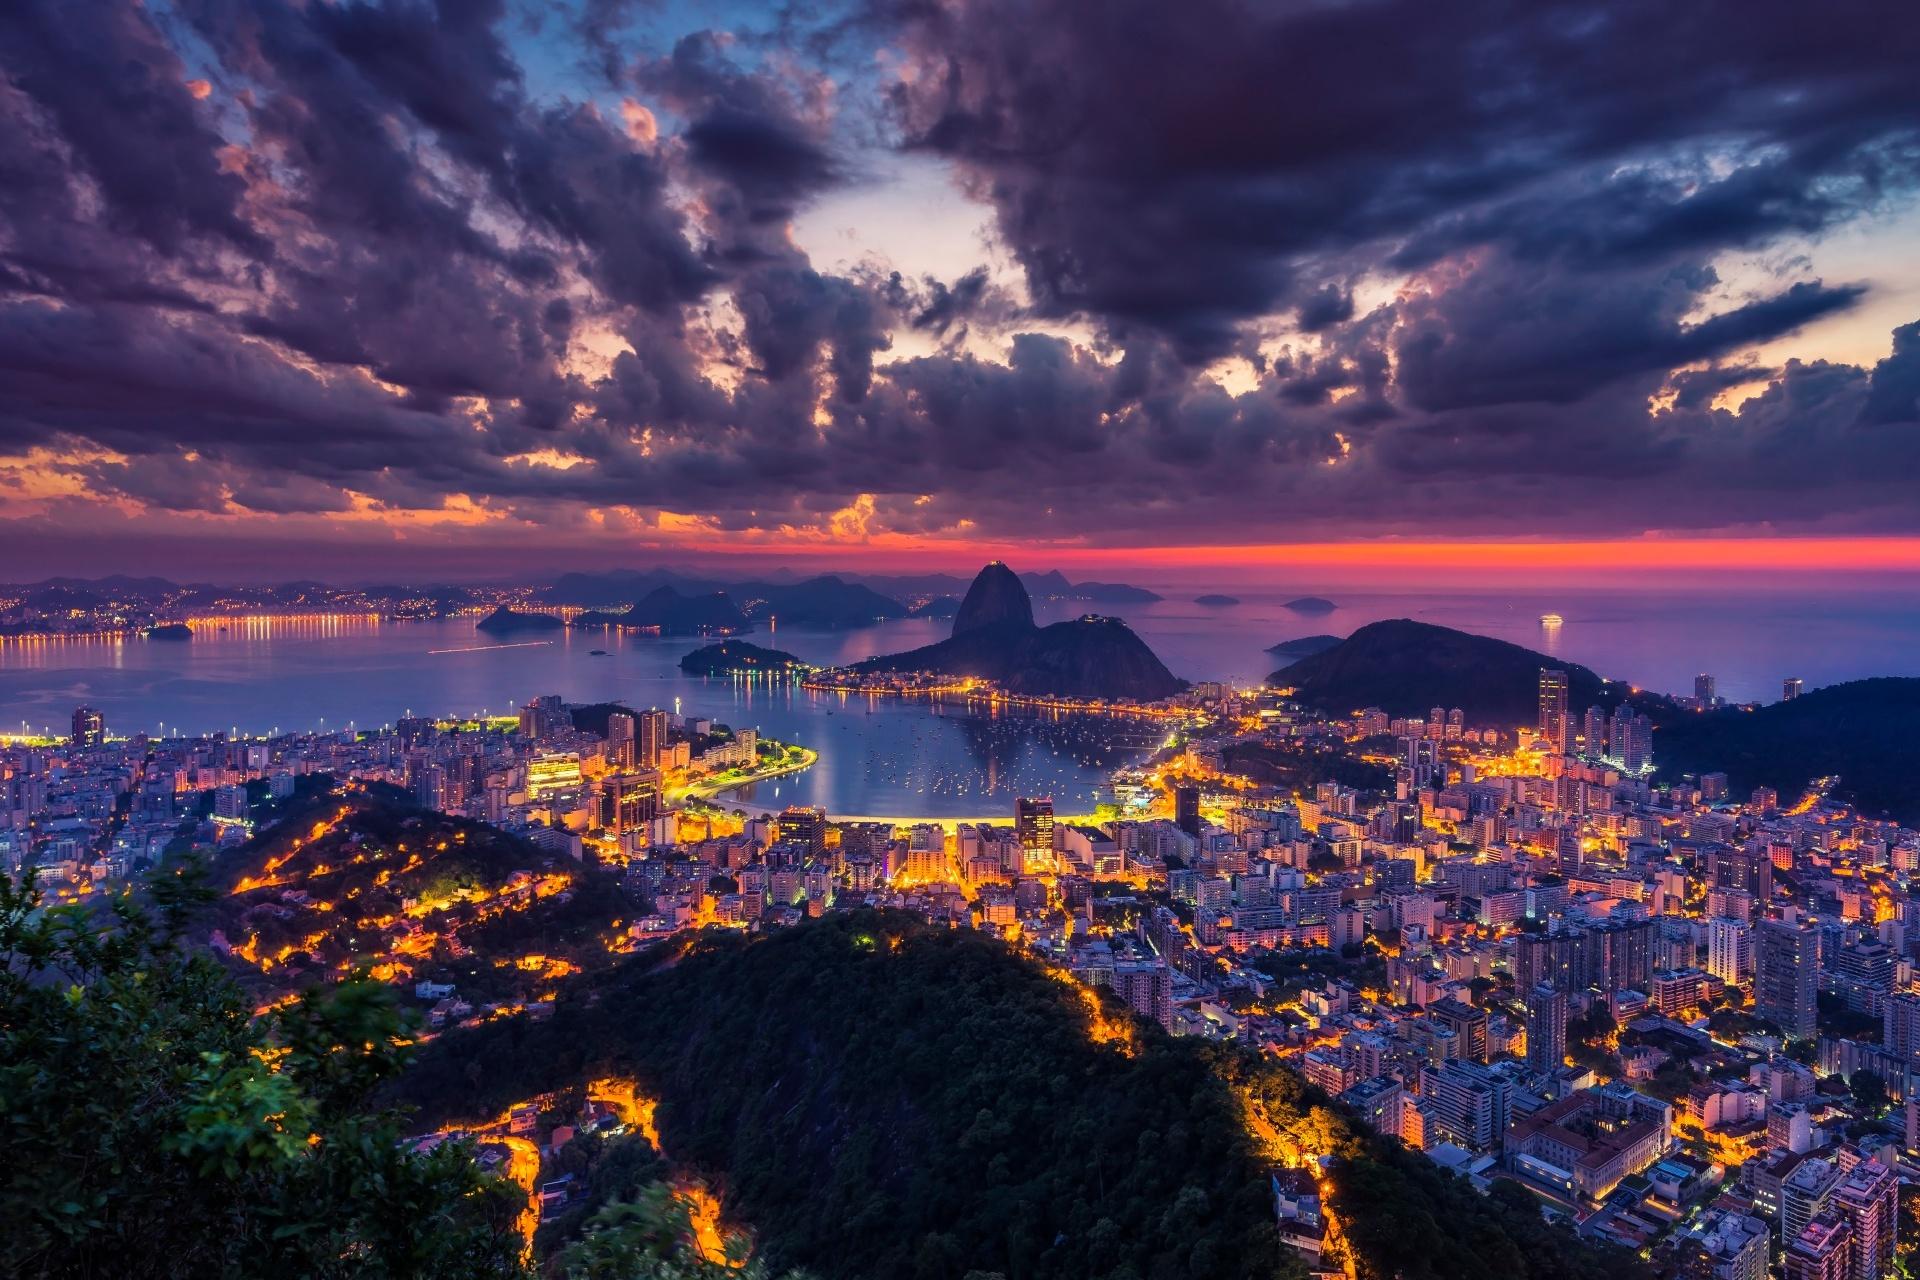 夕暮れのリオデジャネイロ ブラジル